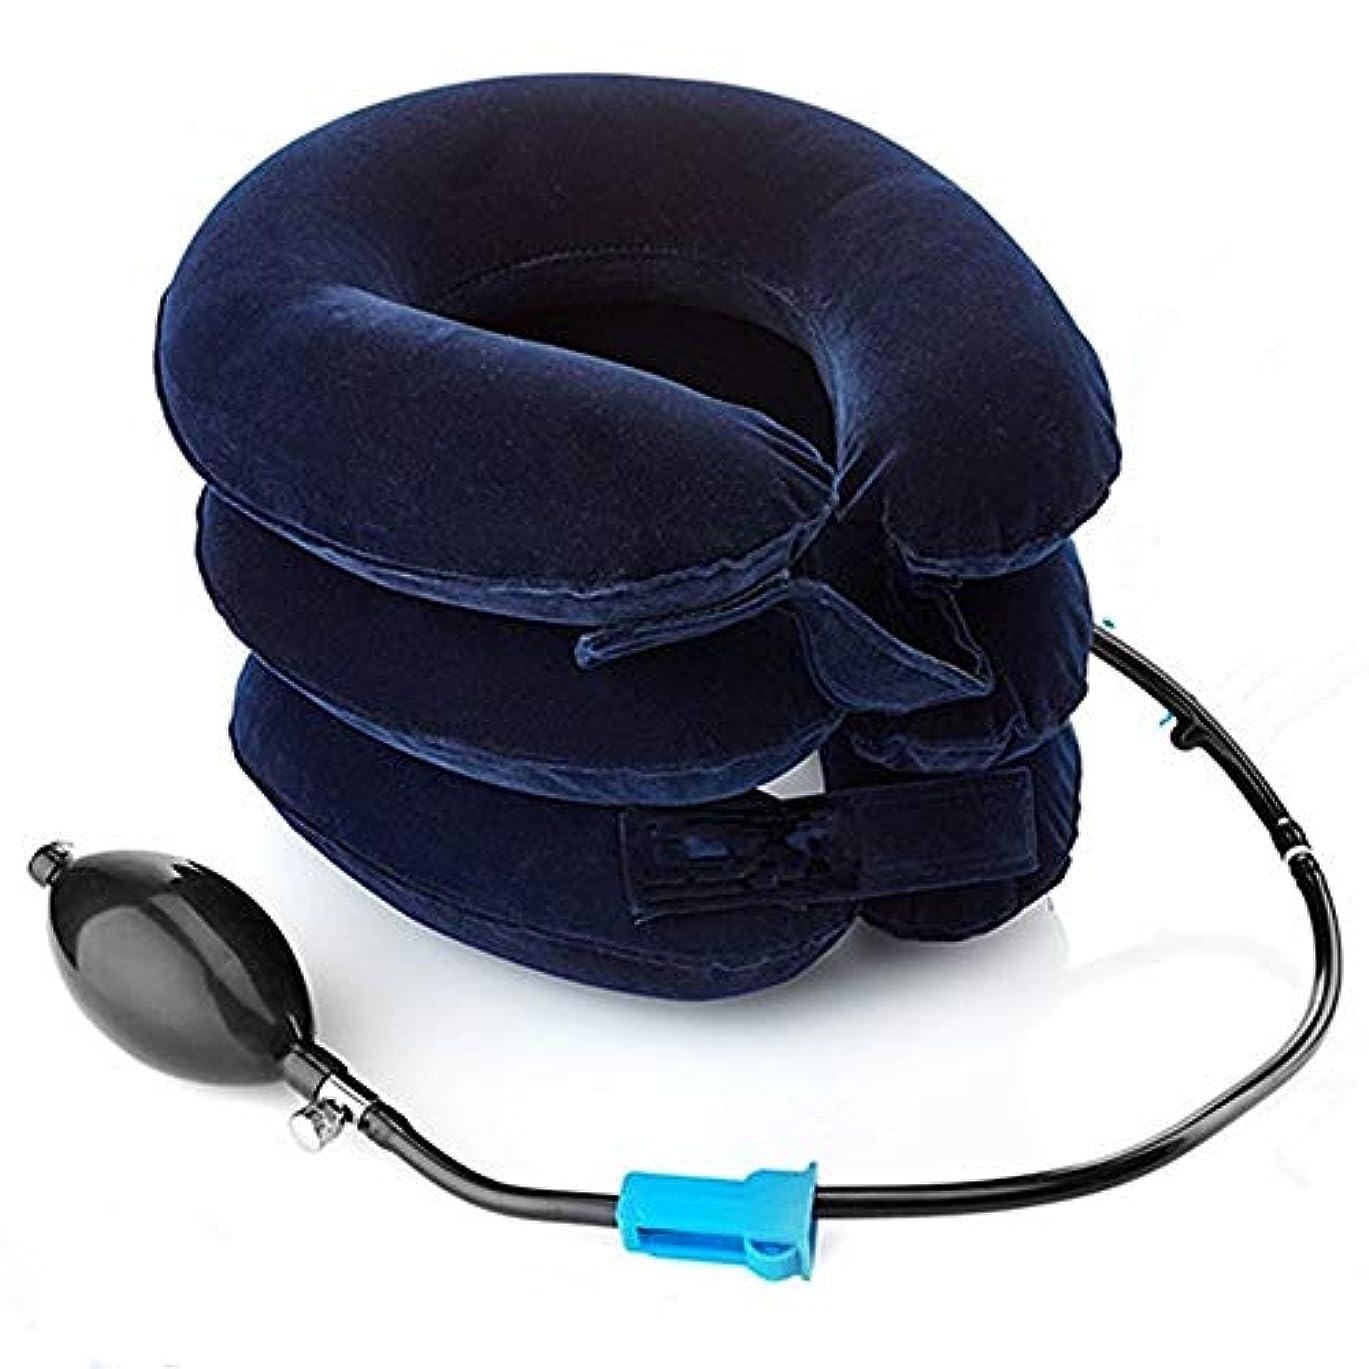 終わった面積集計子宮頸管牽引装置FDA登録 - ホームトラクション背骨の整列のためのインフレータブル&調節可能なネックストレッチャーカラー